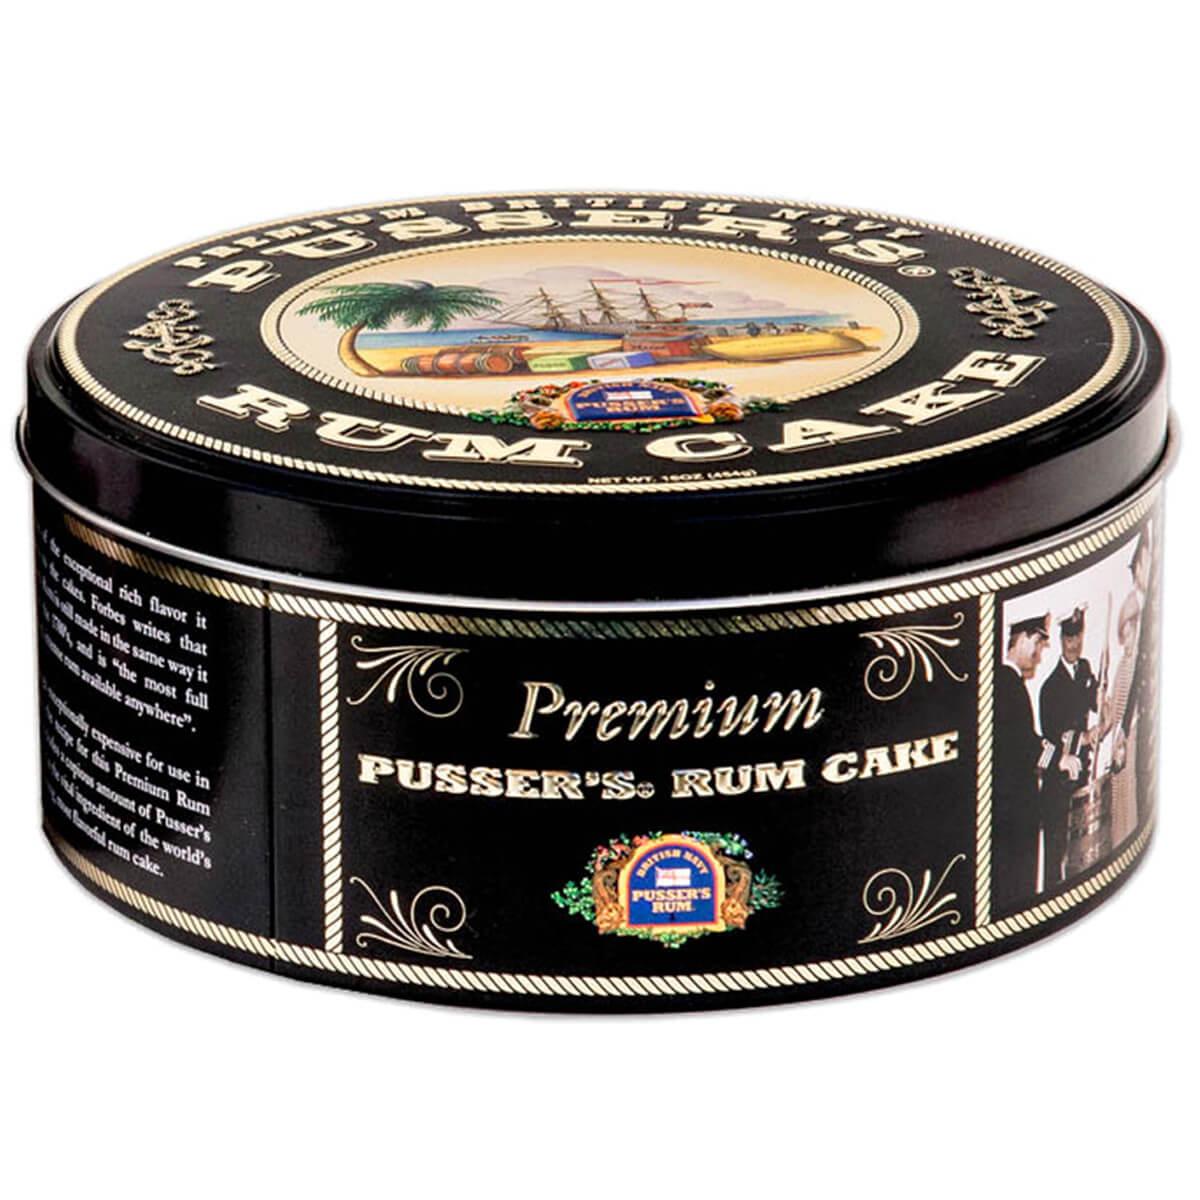 1lb Pusser's Rum Cake